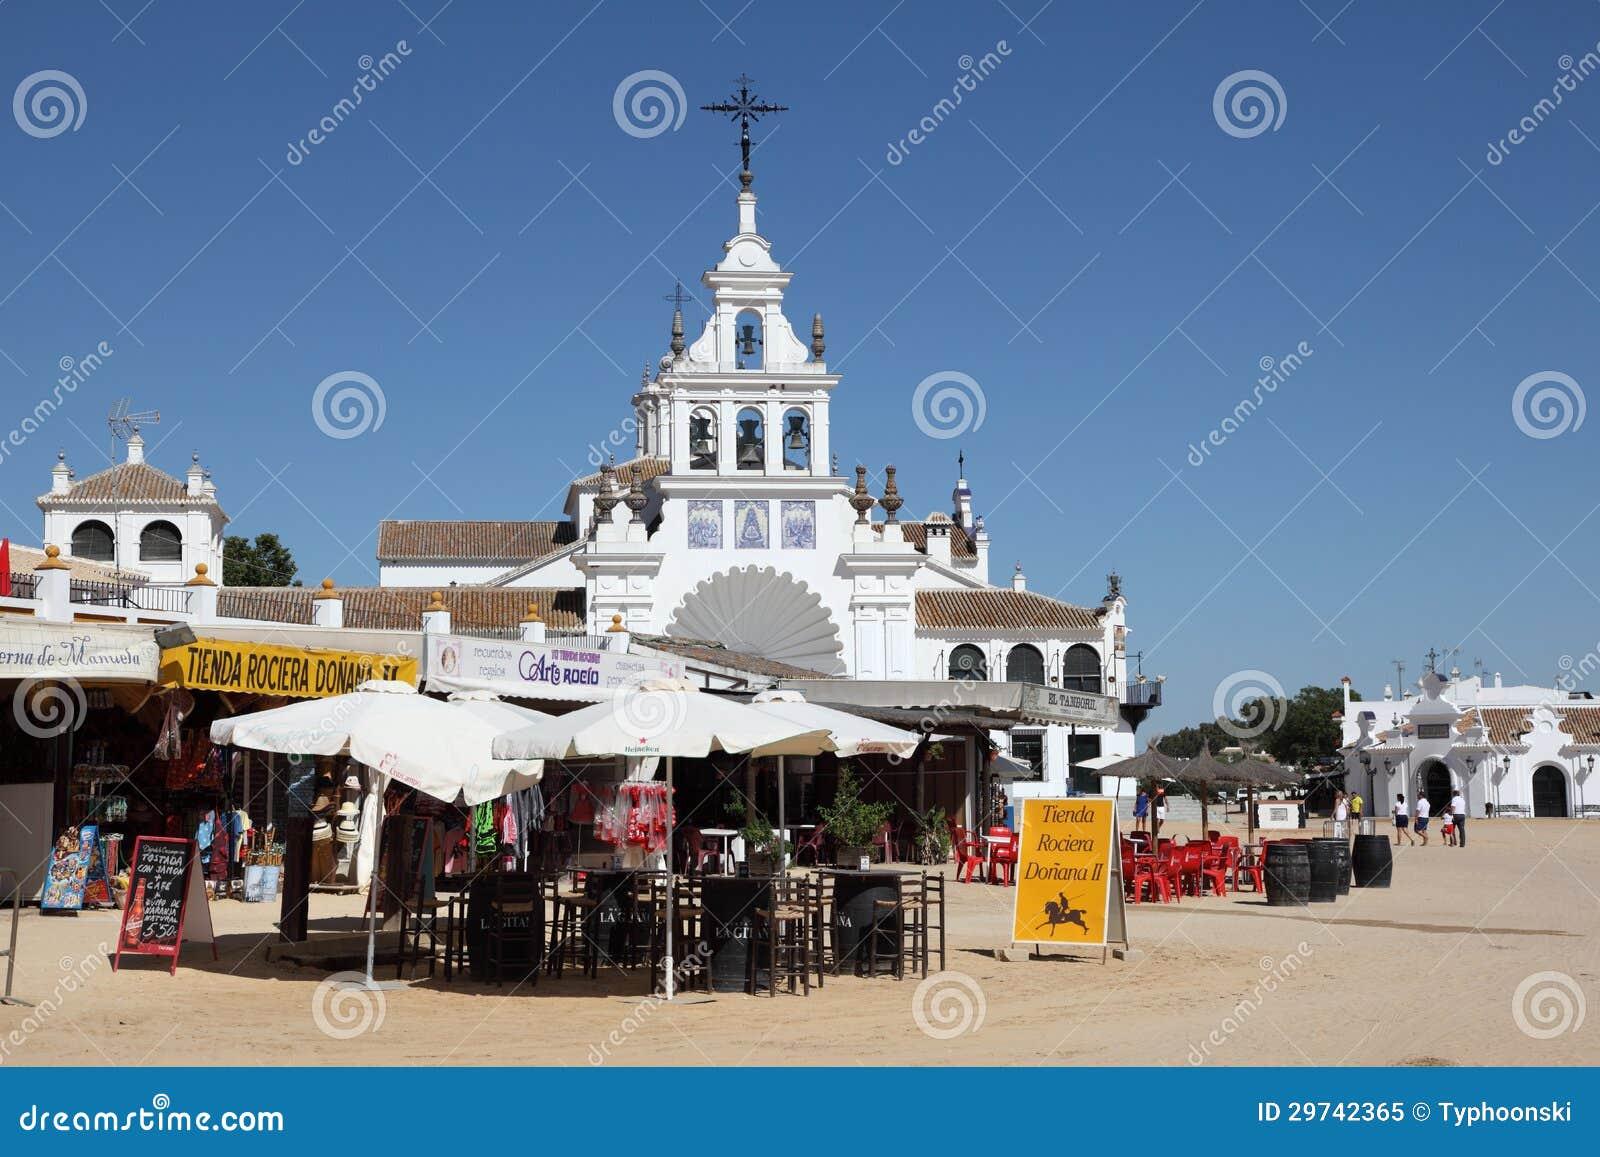 Hermitage Of El Rocio, Spain Editorial Image - Image: 29742365